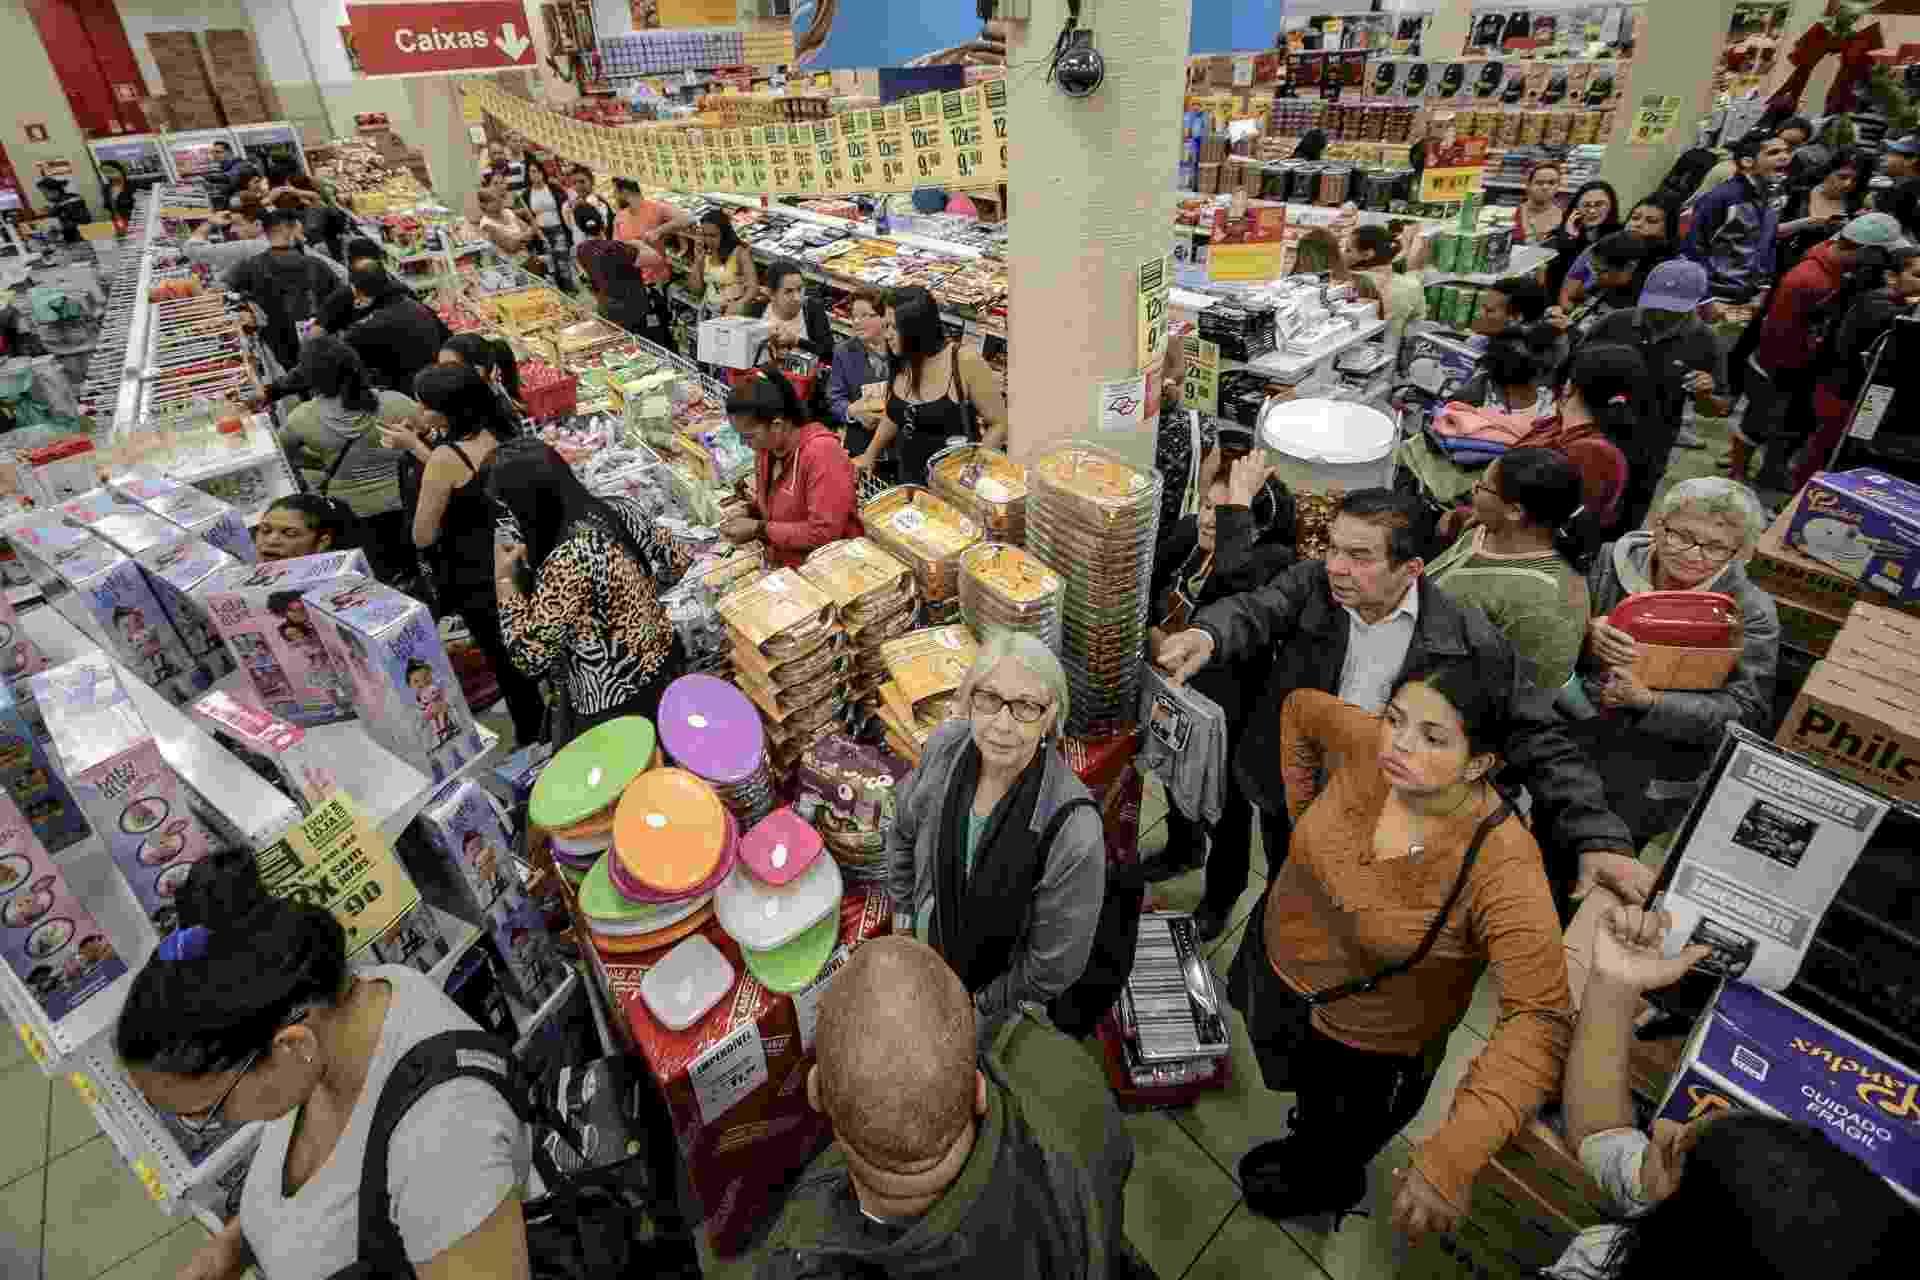 24.nov.2017 - Filas de consumidores tomam os corredores em uma loja de eletrodomésticos durantes as primeiras horas desta sexta-feira (24), no centro de São Paulo (SP) - Dario Oliveira/Agência Estado